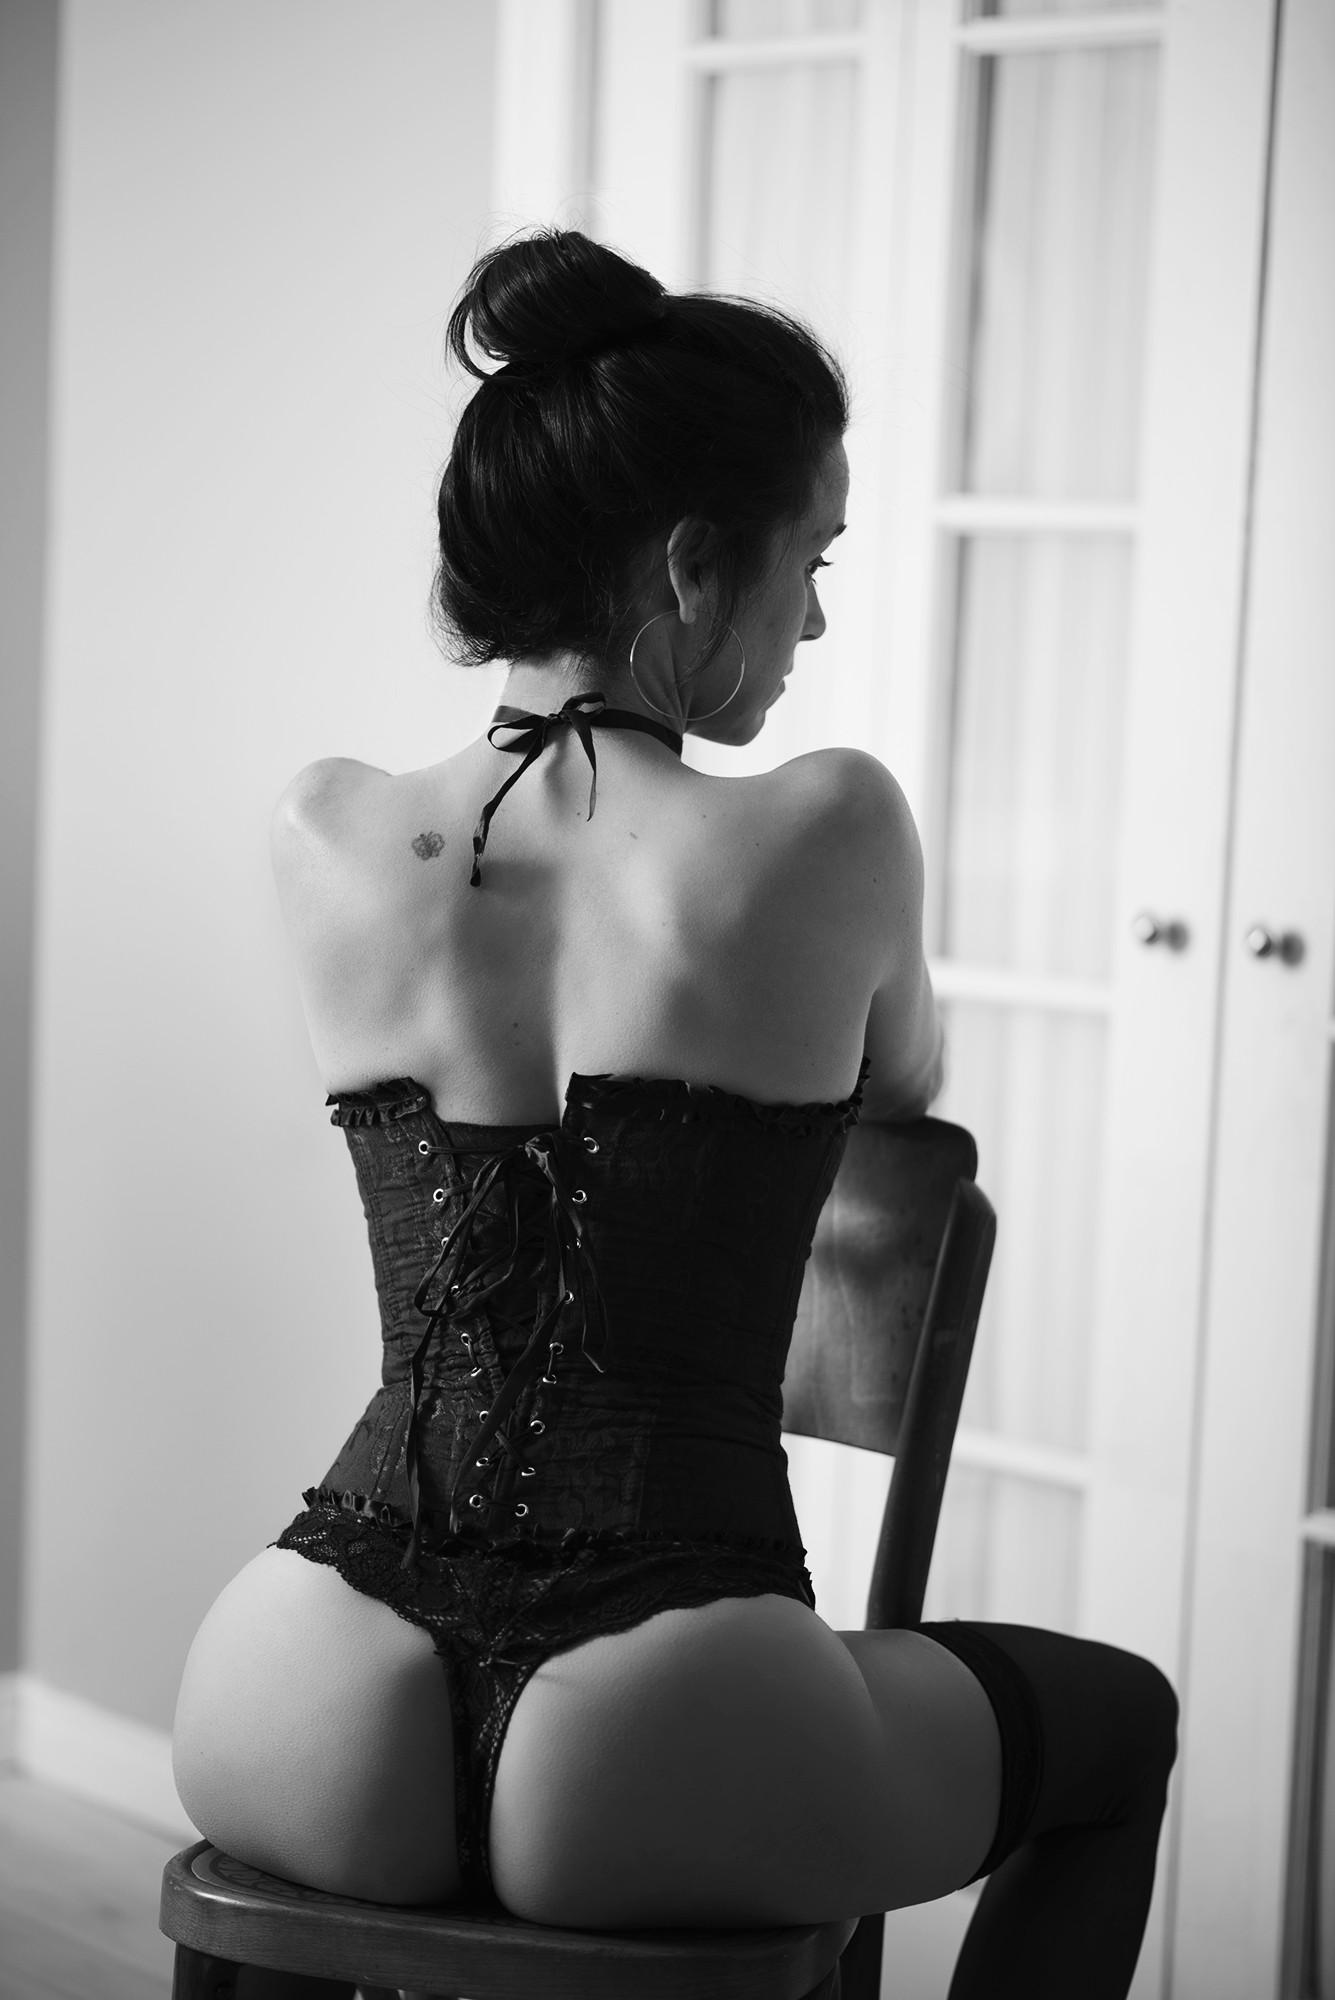 Séance de photographie sensuelle noir et blanc / photo d'une femme portant un corset